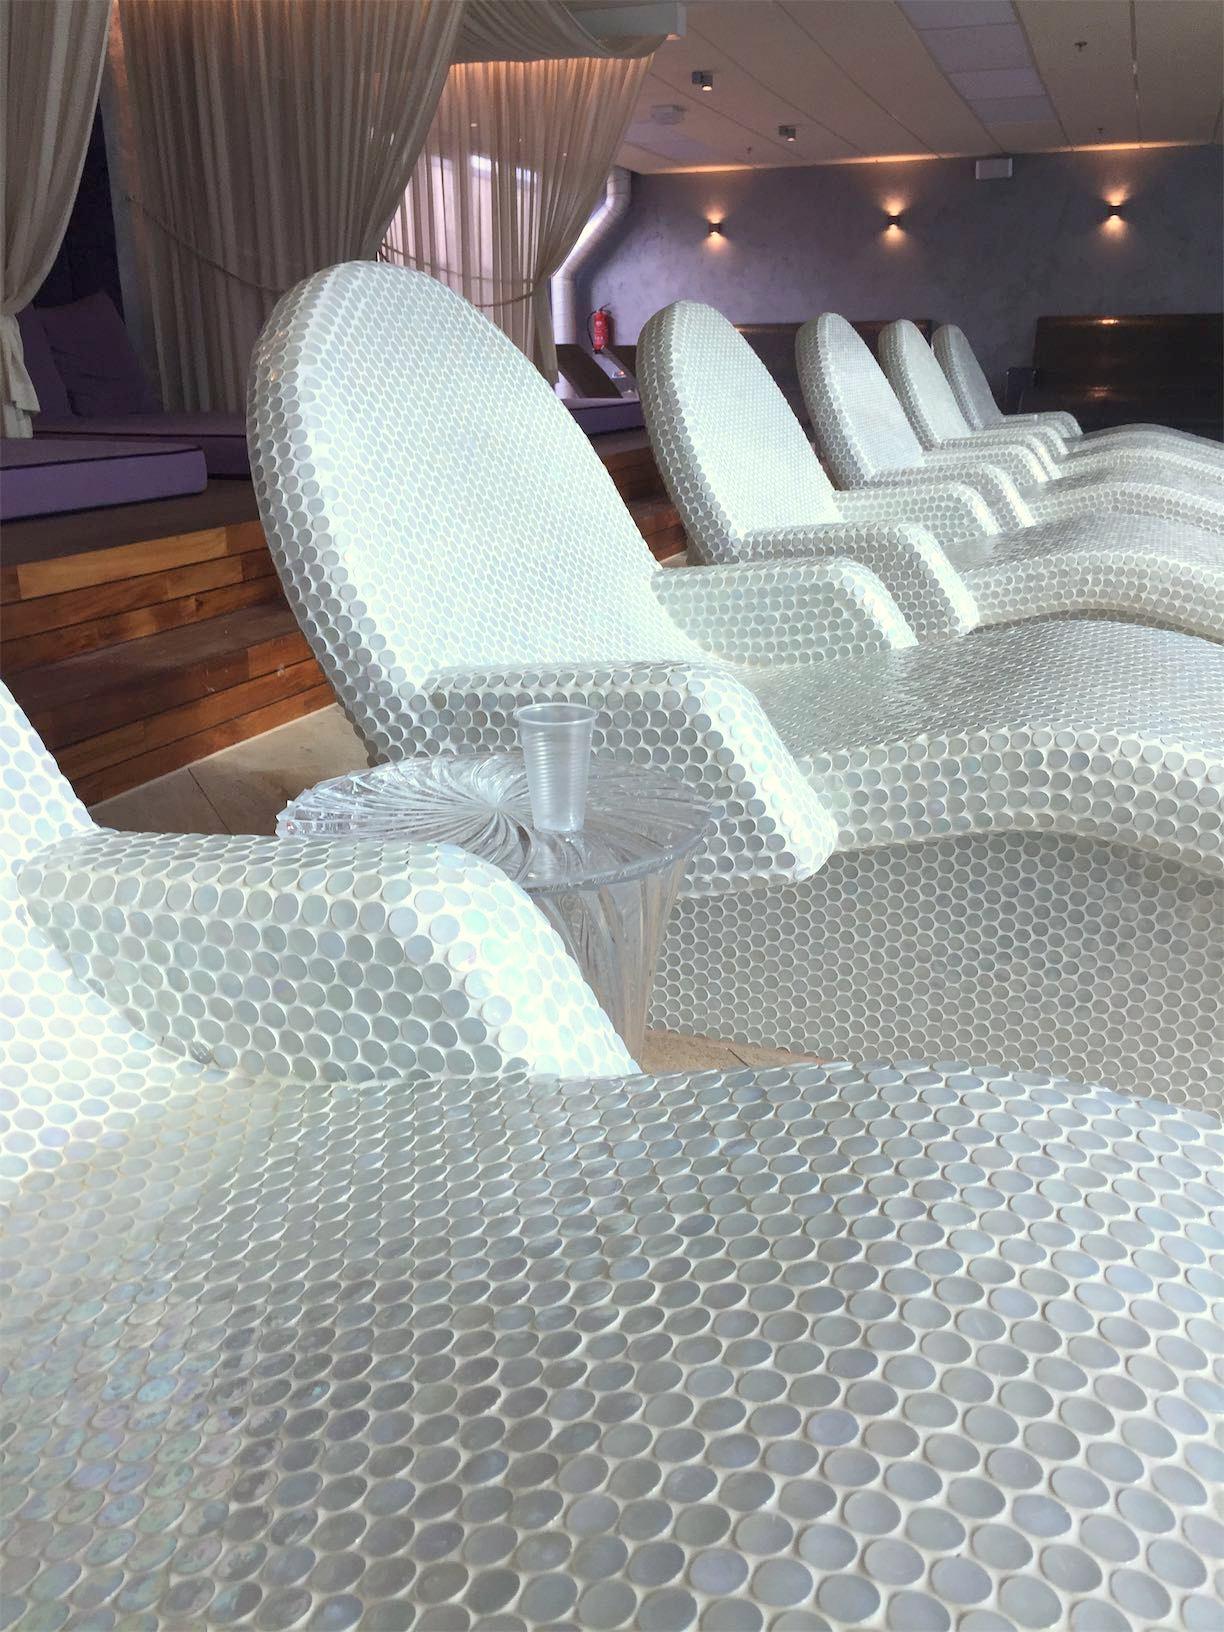 10321597b34 v spa spaahotell spa paketid hotelliveeb romantiline puhkus perepuhkus  puhkus